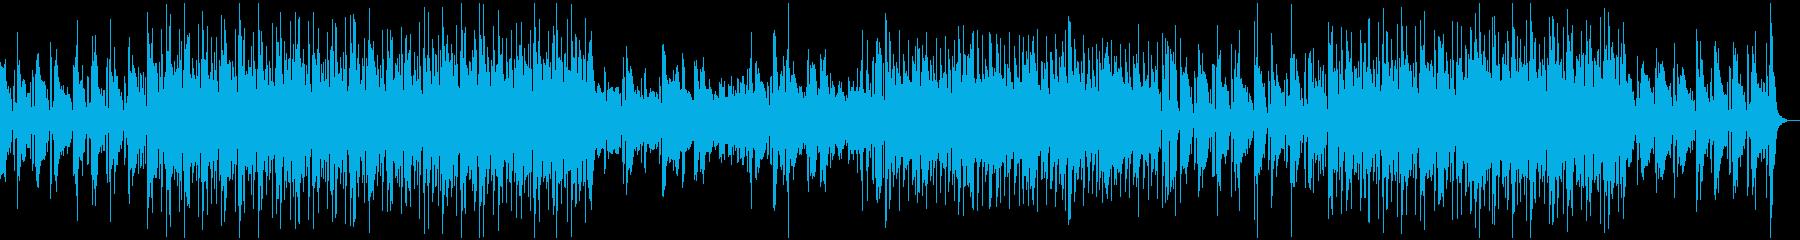 イージーリスニングジャズ。フルート...の再生済みの波形